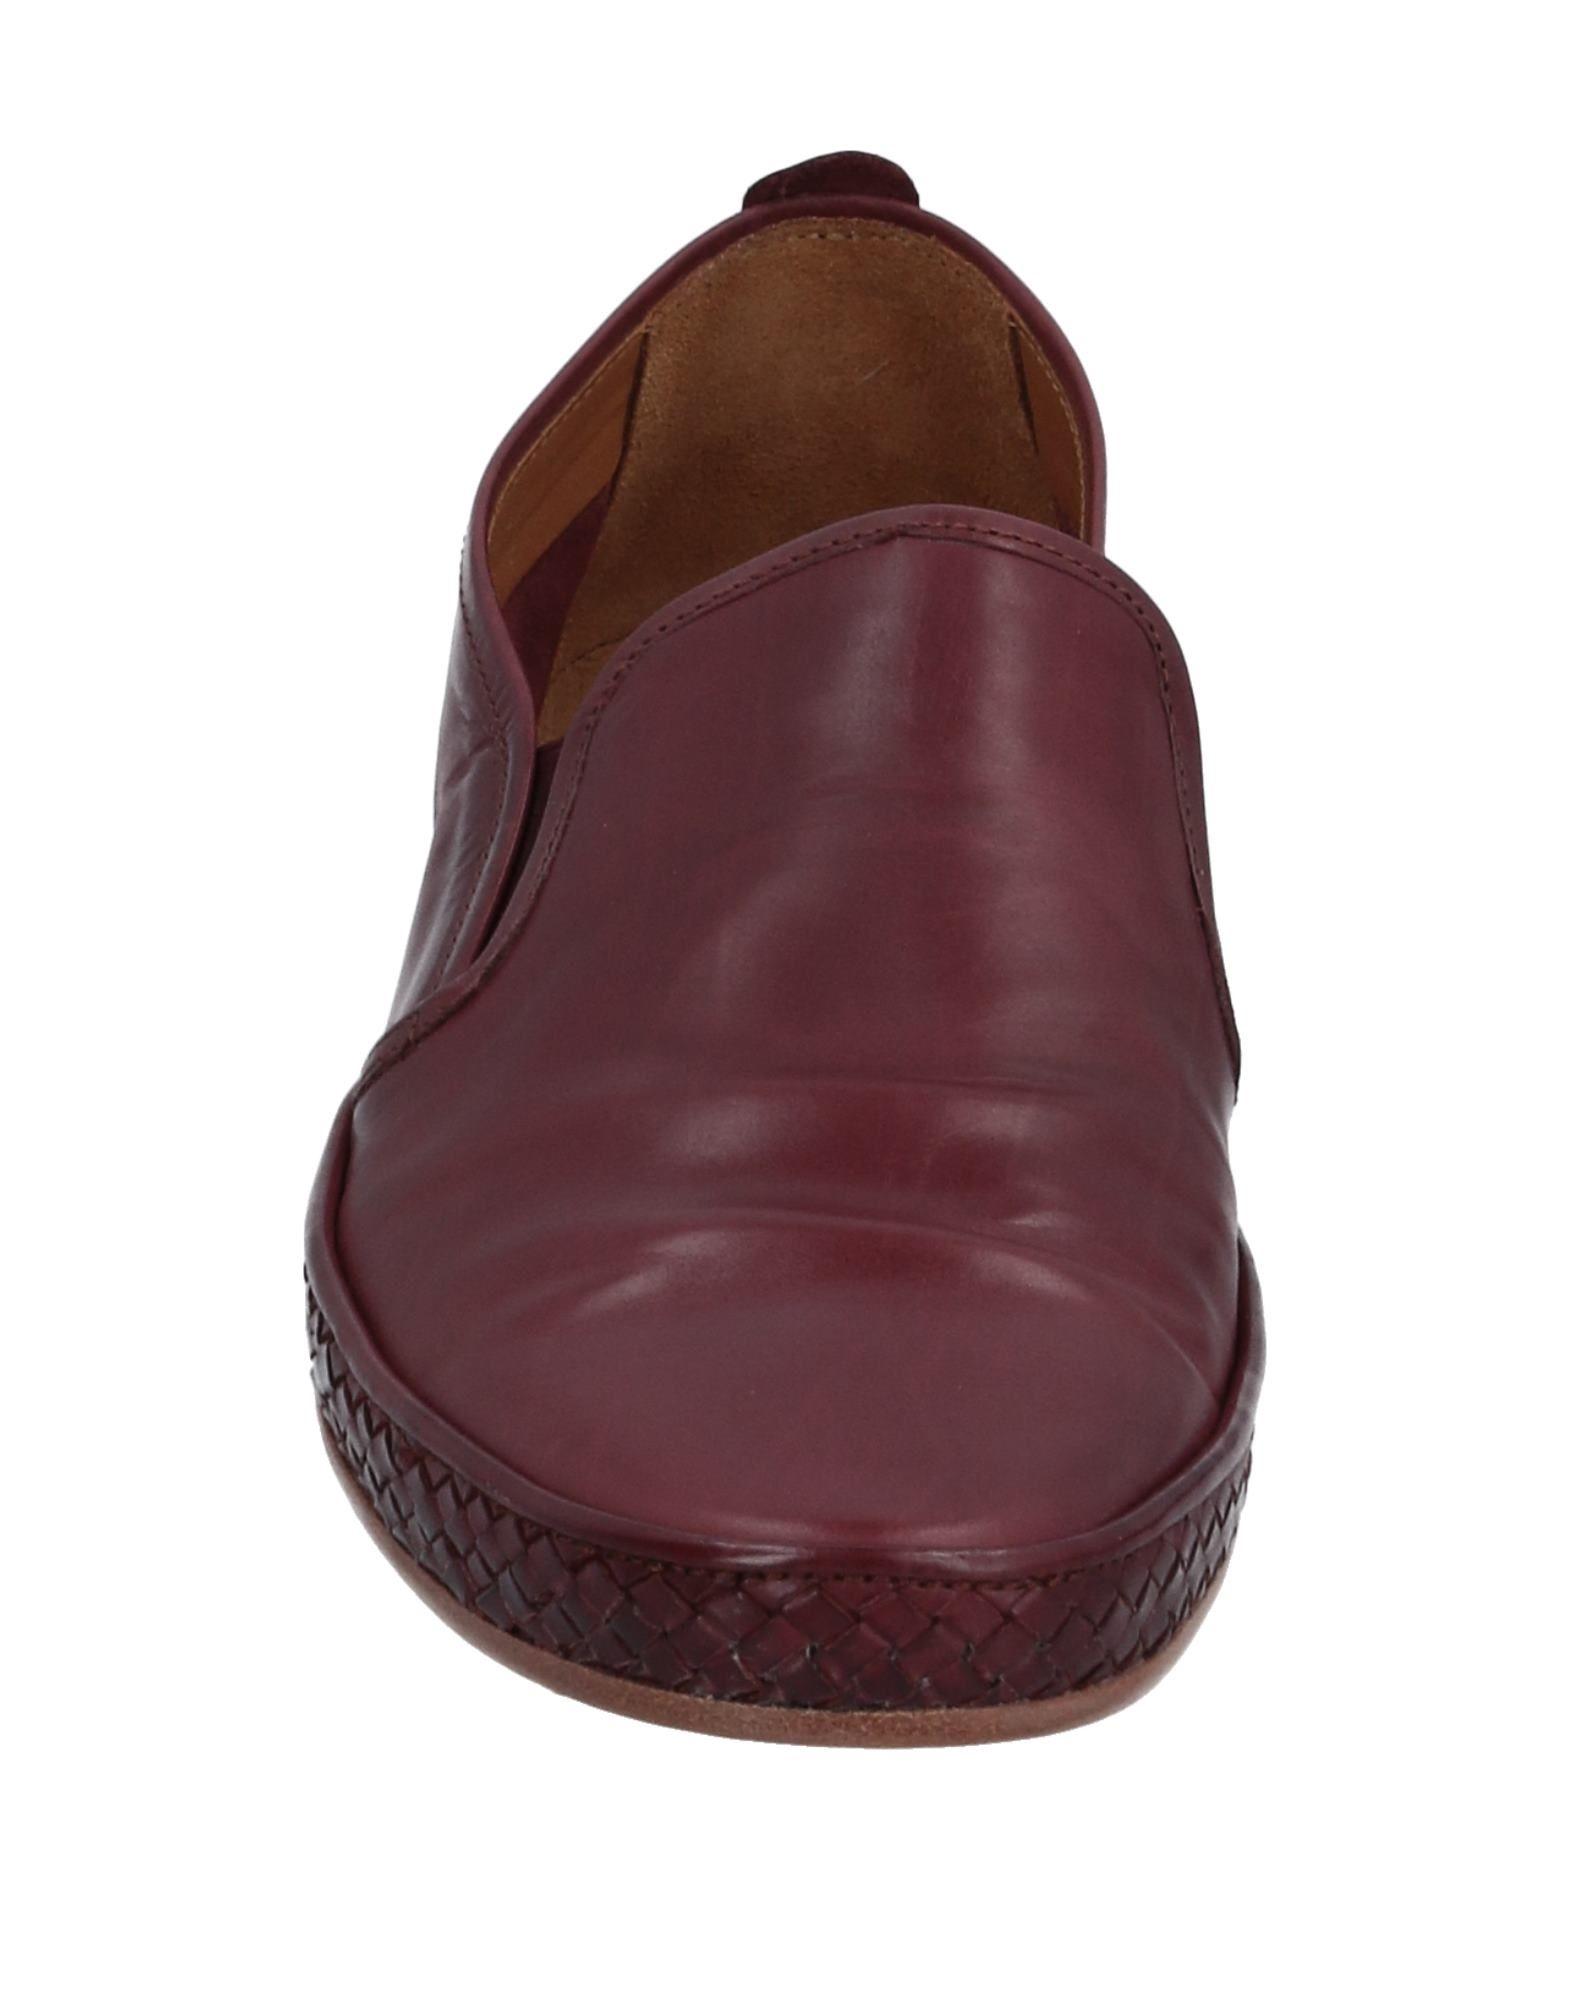 N.D.C. Made By Hand Gute Mokassins Herren  11517400RE Gute Hand Qualität beliebte Schuhe 8a4c2f